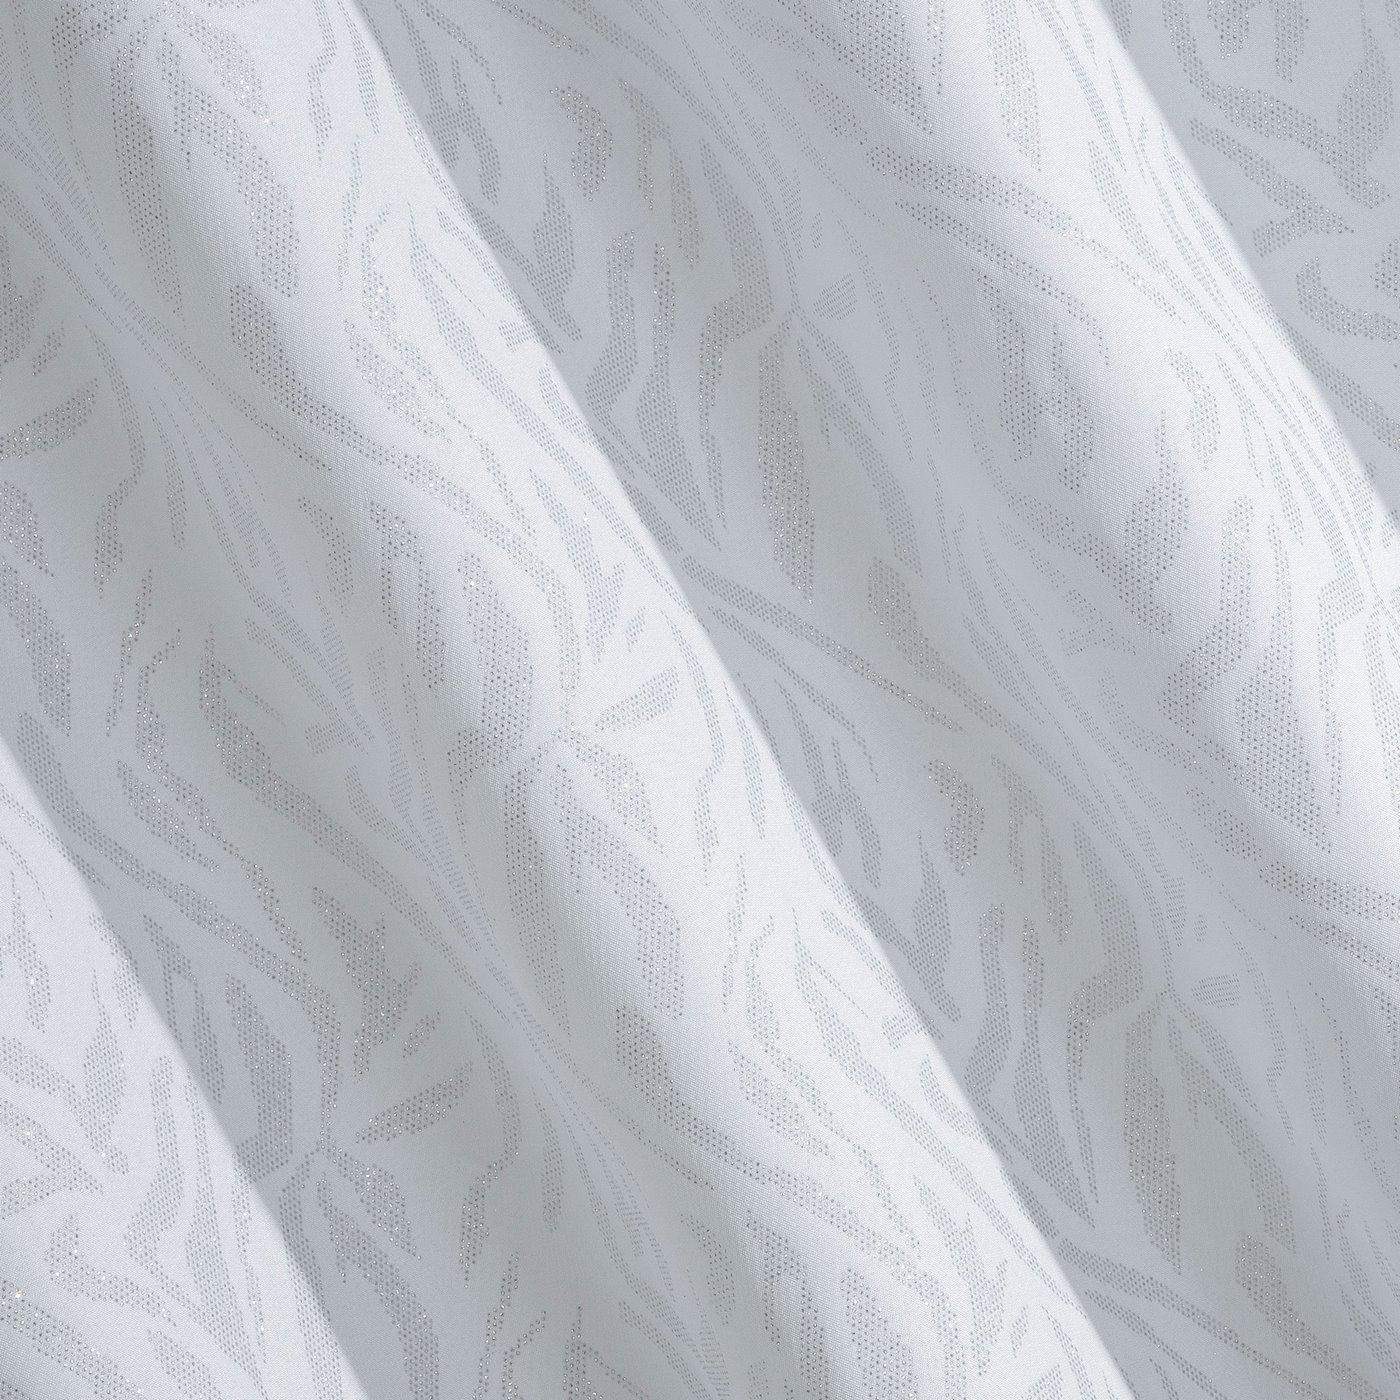 Zasłona biała z brokatowym wzorem 140x250 cm przelotki